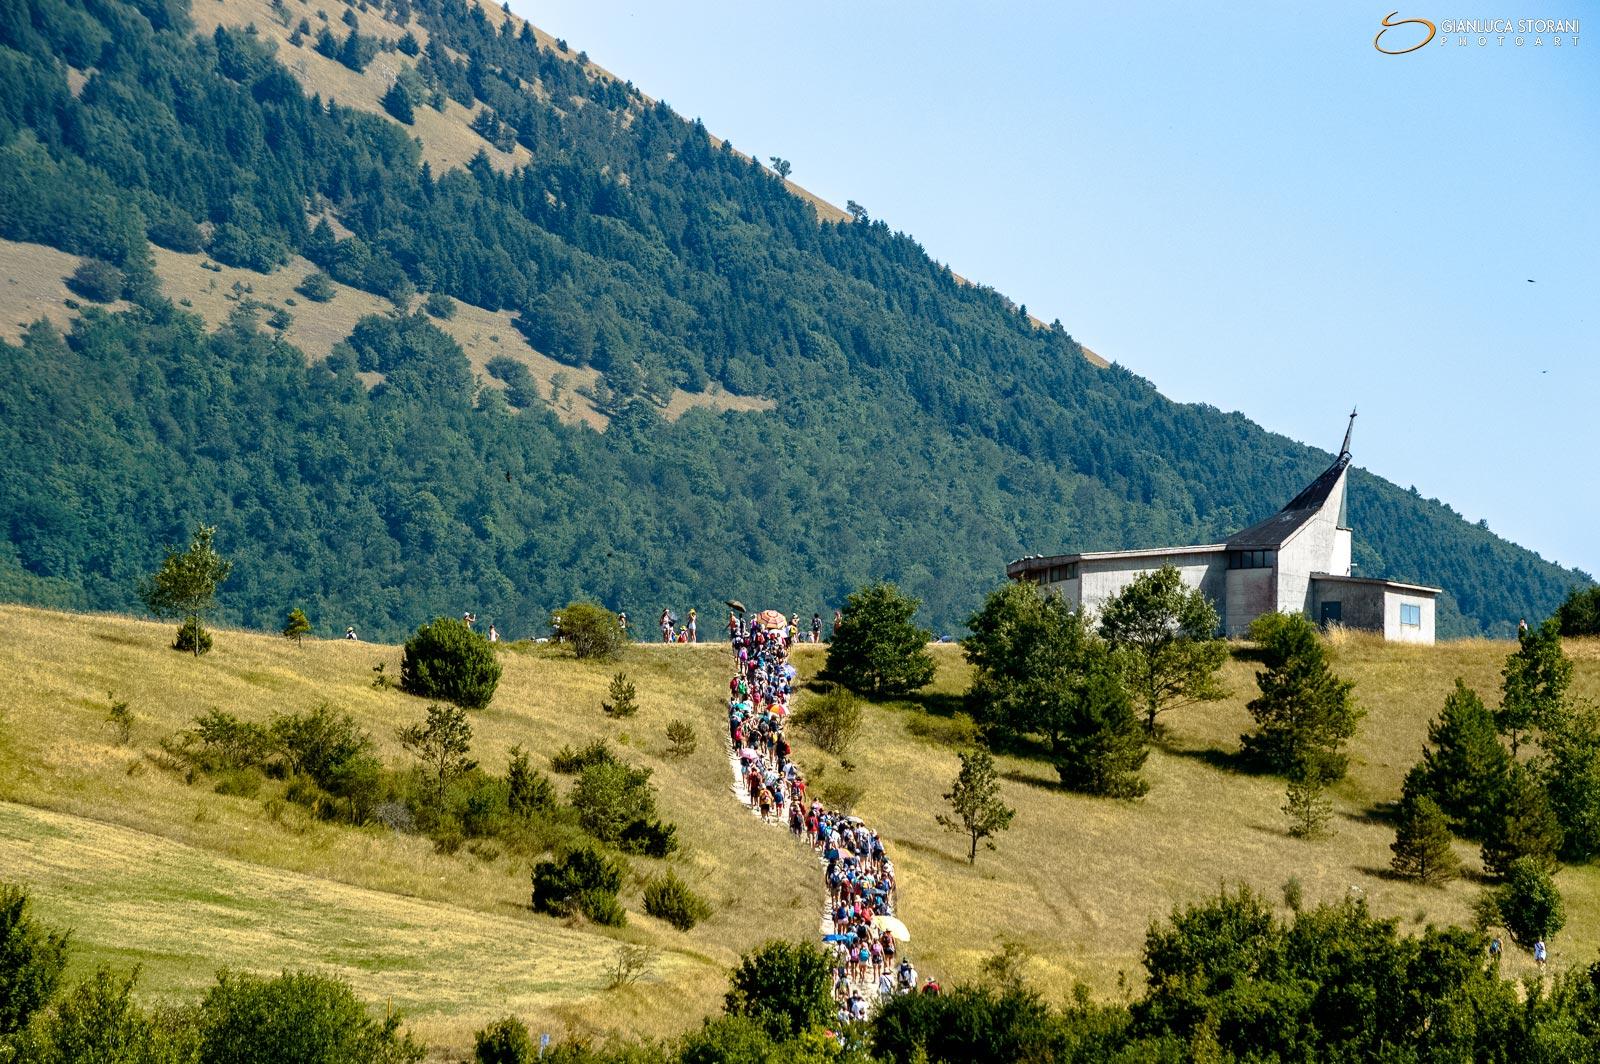 RisorgiMarche - Piane di Montelago (ID: 4-1334)